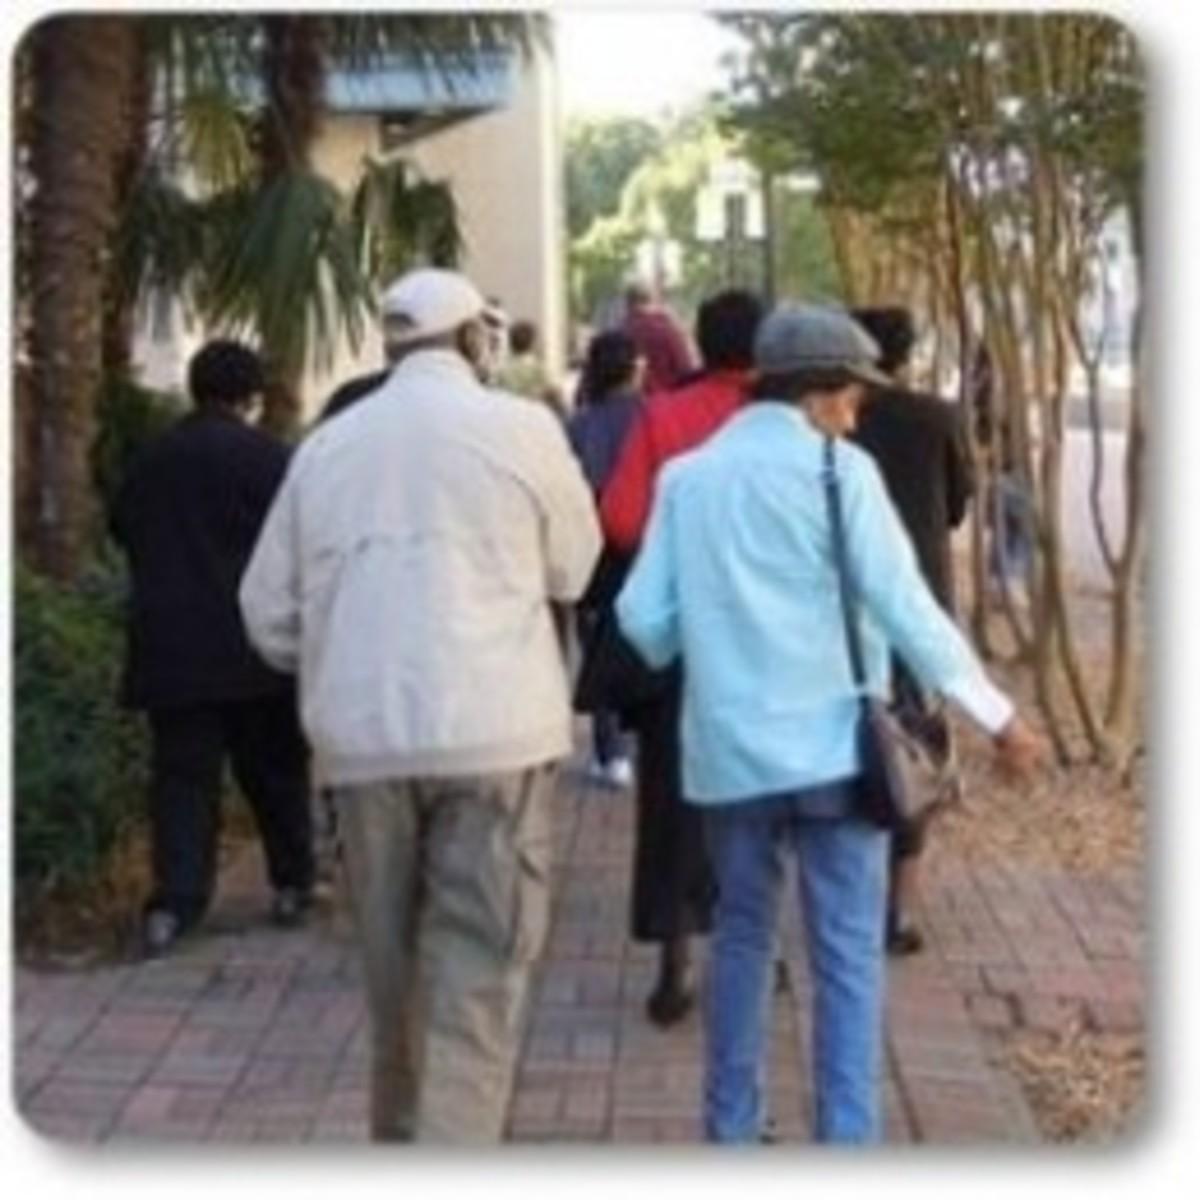 Seniors - Twilight Years